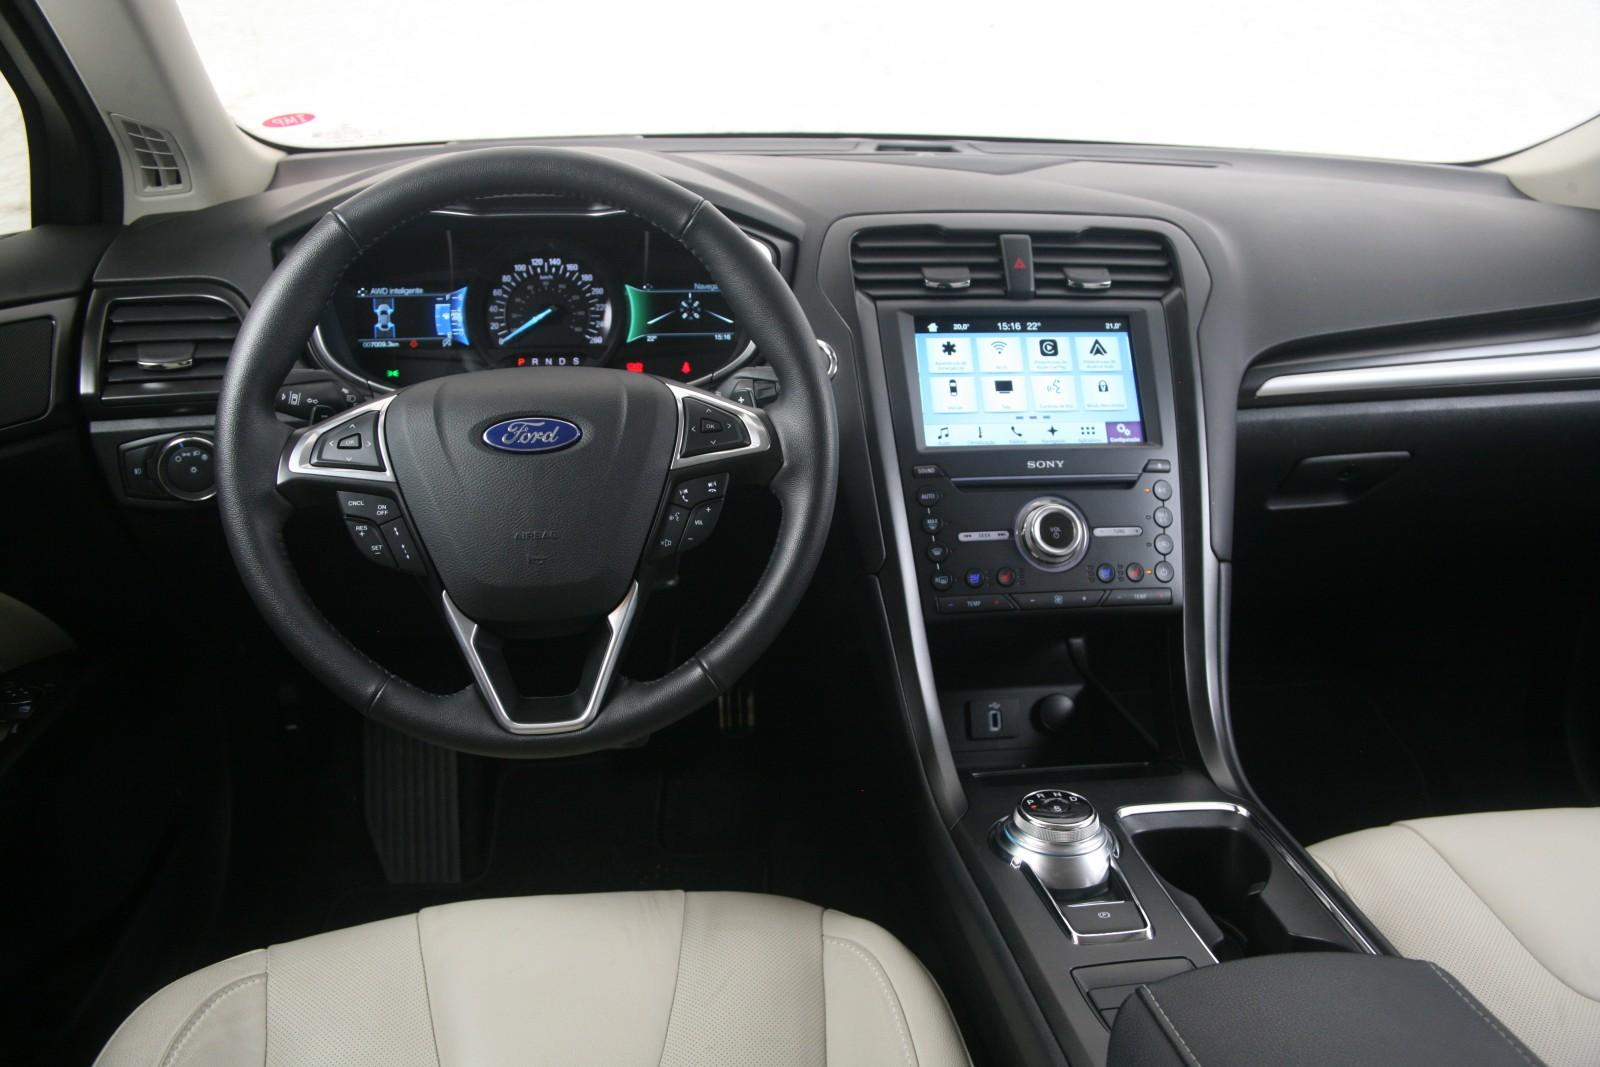 Avaliação: Ford Fusion 2020 está pronto para a briga - Motor Show